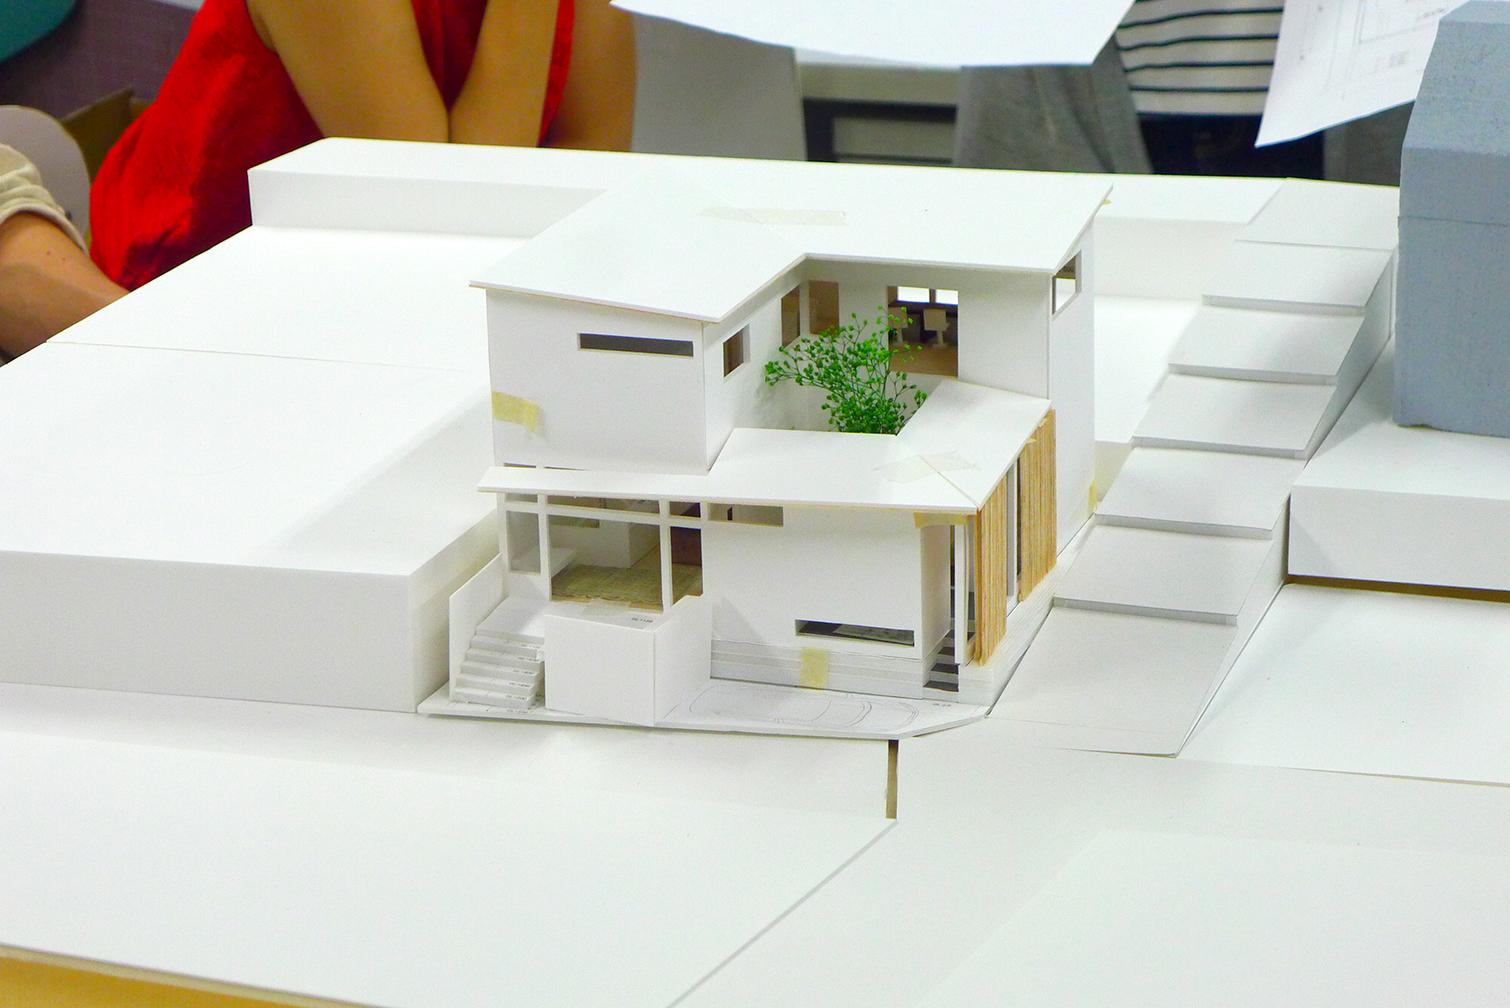 設計課題 二世帯住宅